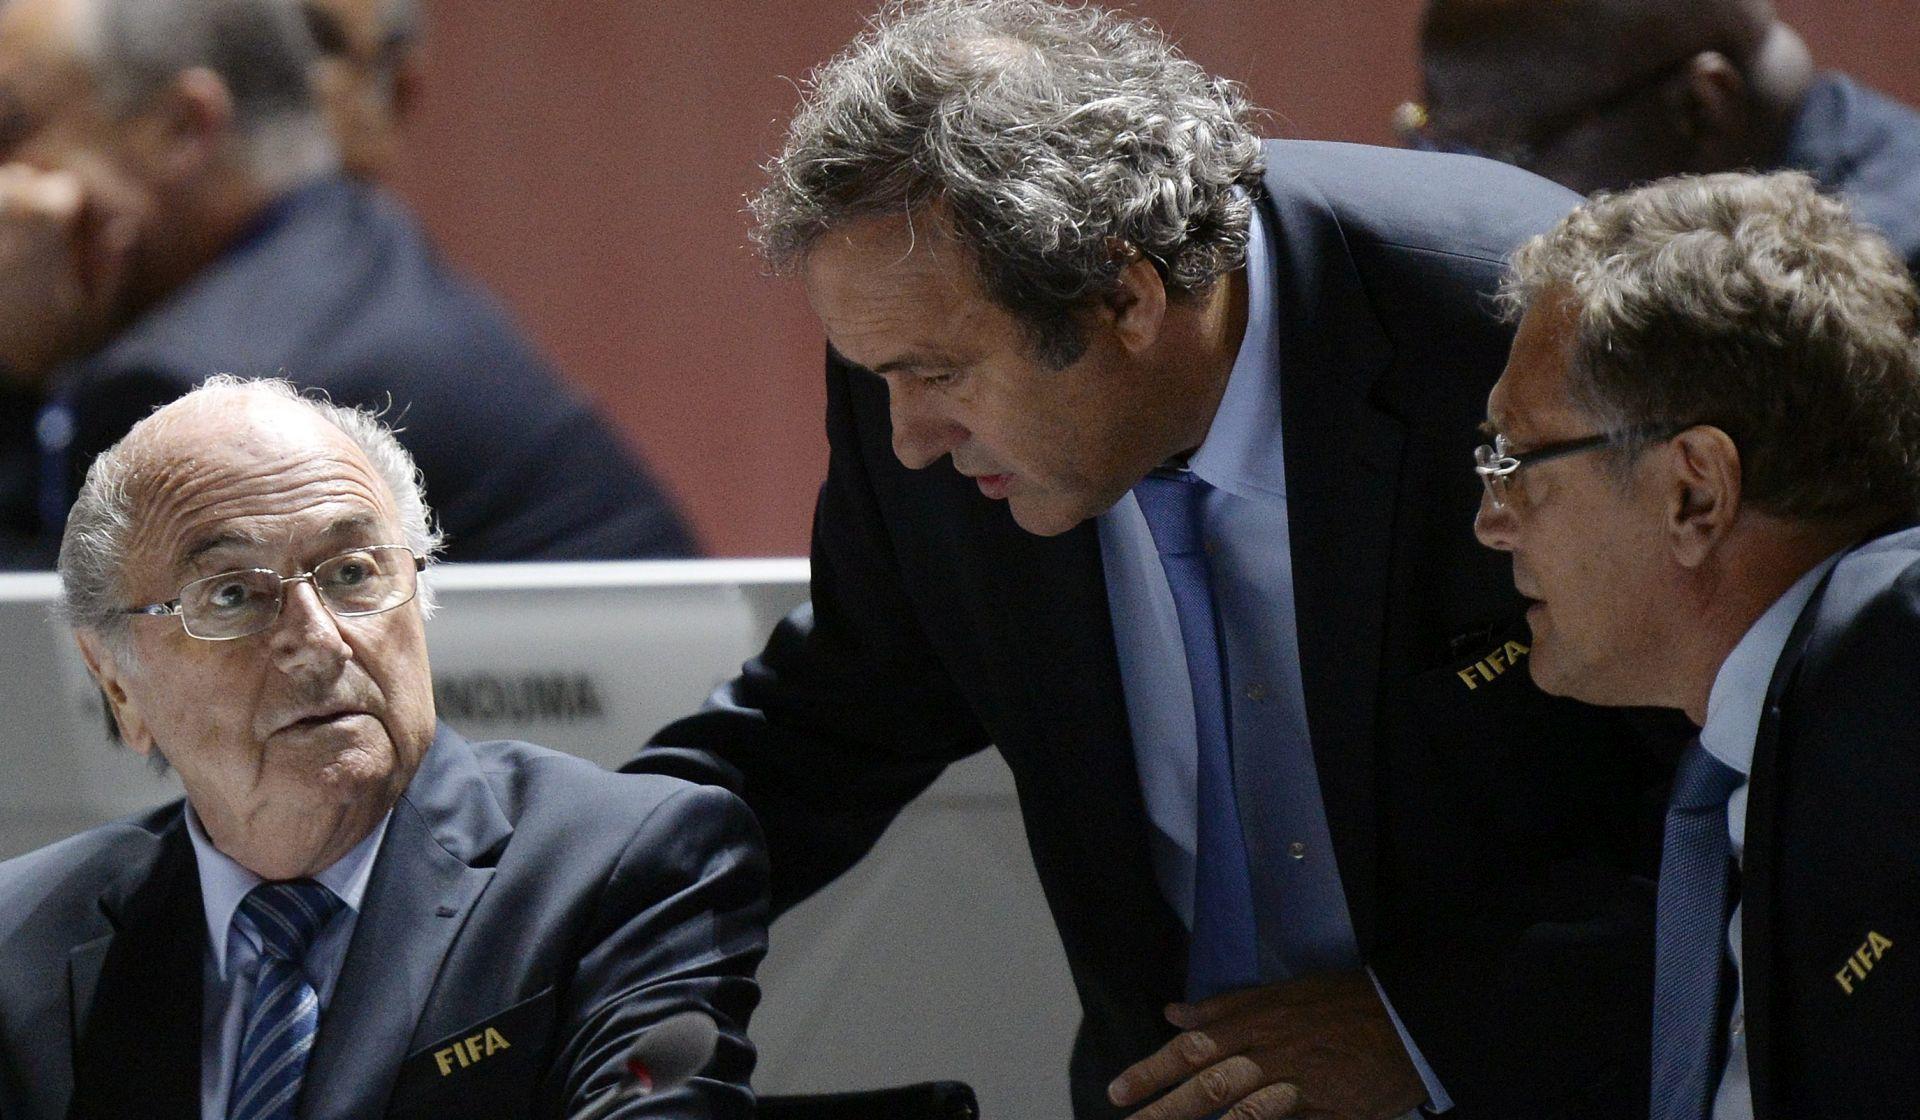 PLATINI Sramotno je da me se provlači po blatu, jedino ja mogu spasiti FIFA-u